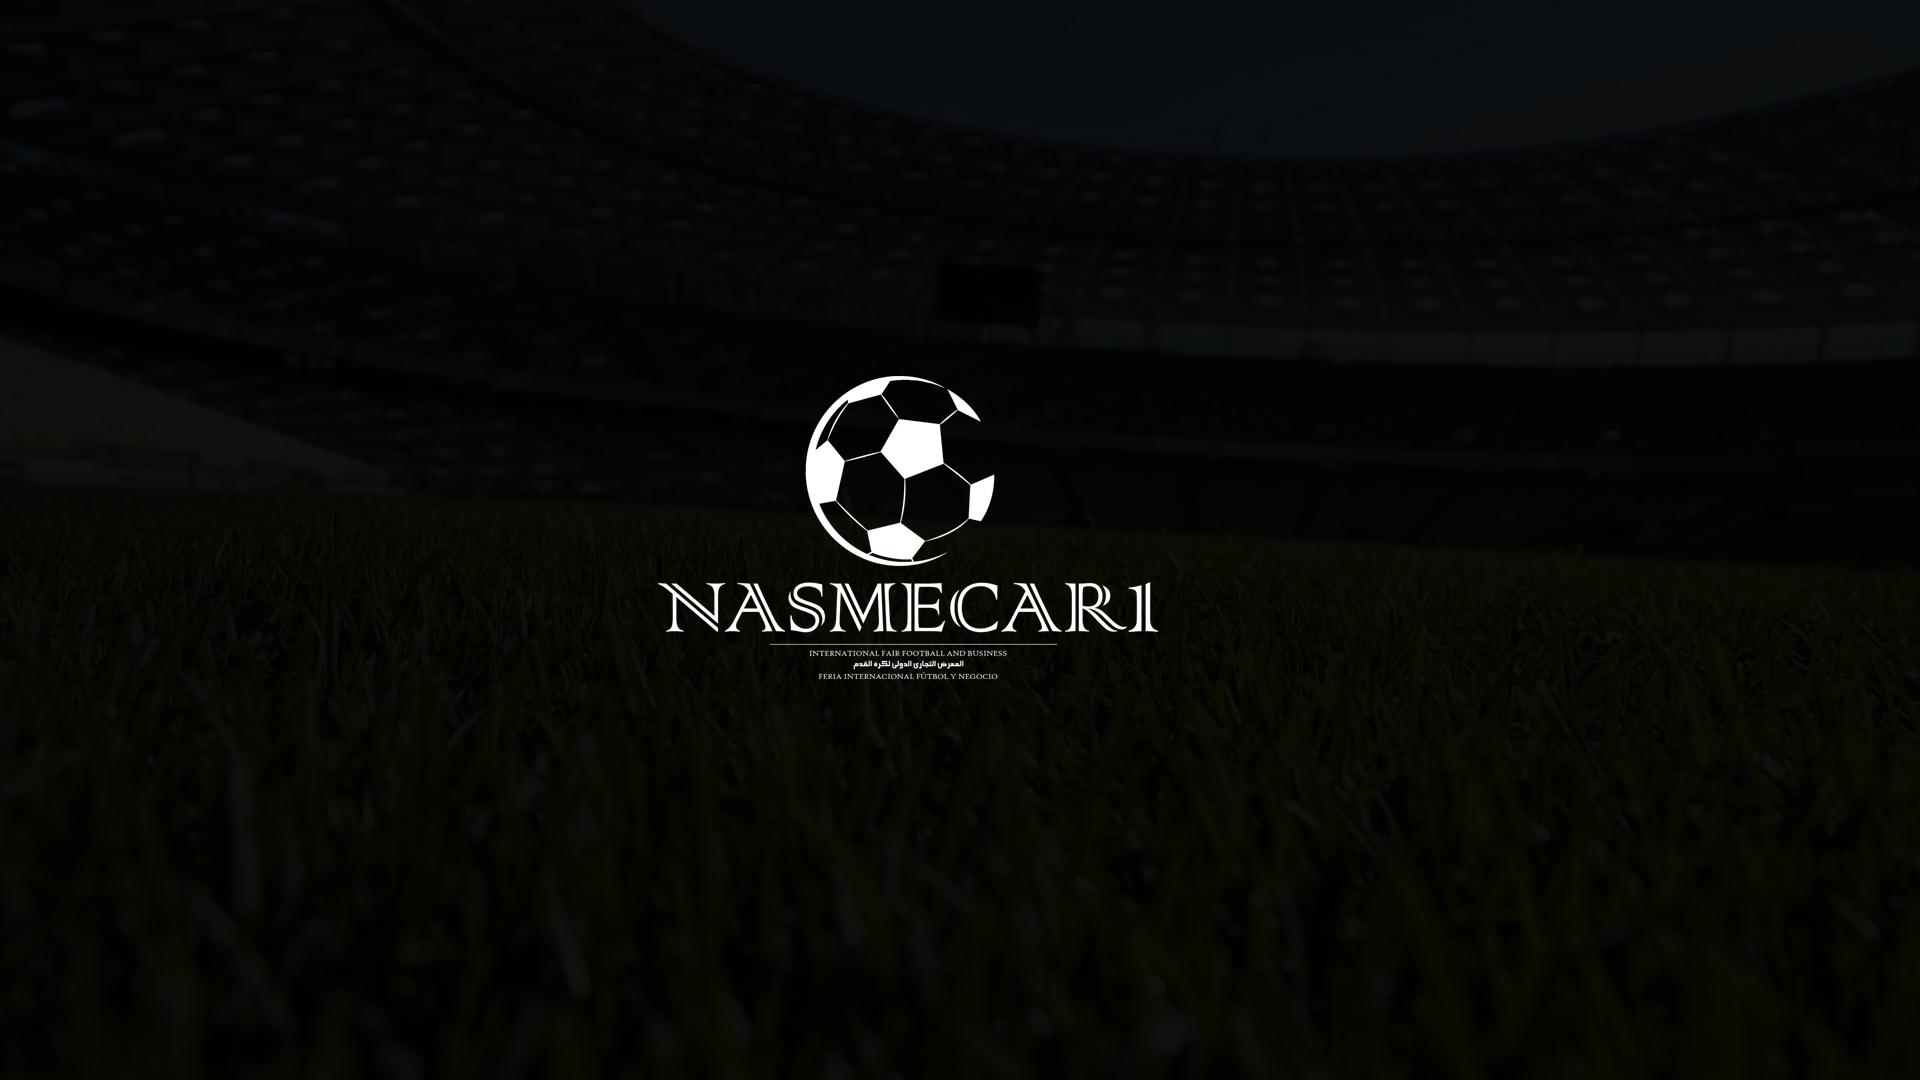 NASMECAR1-NASMECA-R 1 NABIL ALMOUKRI -2 (11)